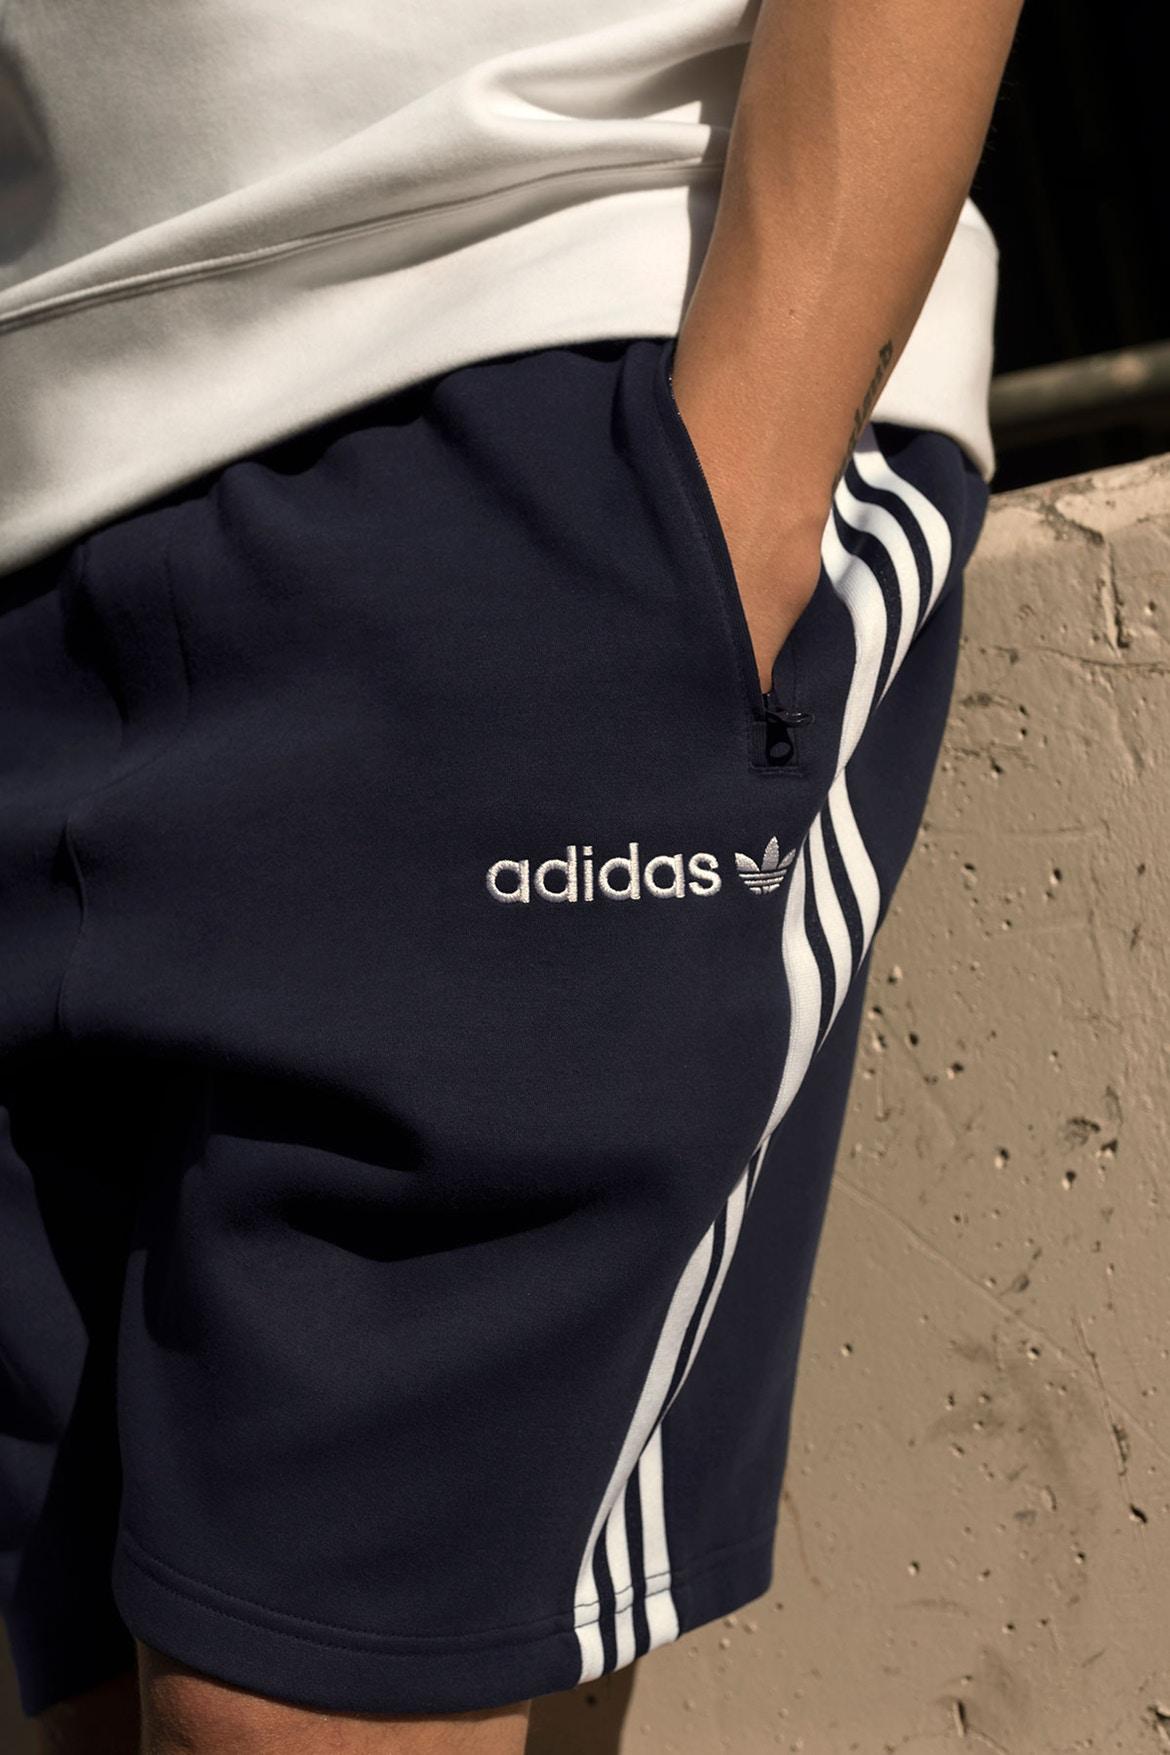 adidas Originals возрождают стиль 70-х годов, презентуя лукбук новой коллекции